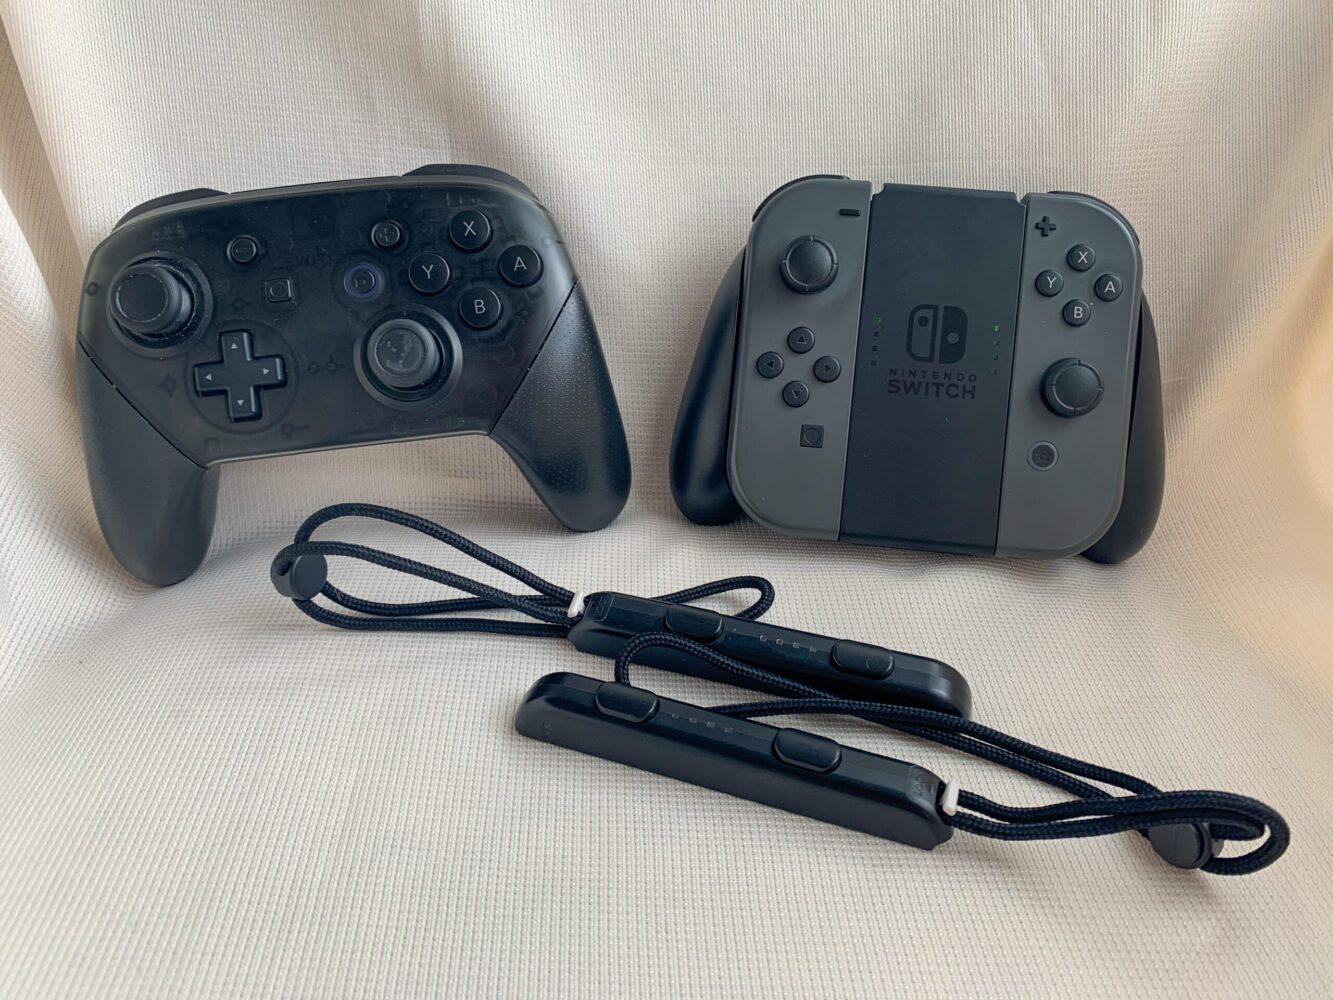 Het Gezinsleven - Gezinsactiviteiten - Speelgoed - De Nintendo Switch - De Joy Con controller en de Controller pro naast elkaar